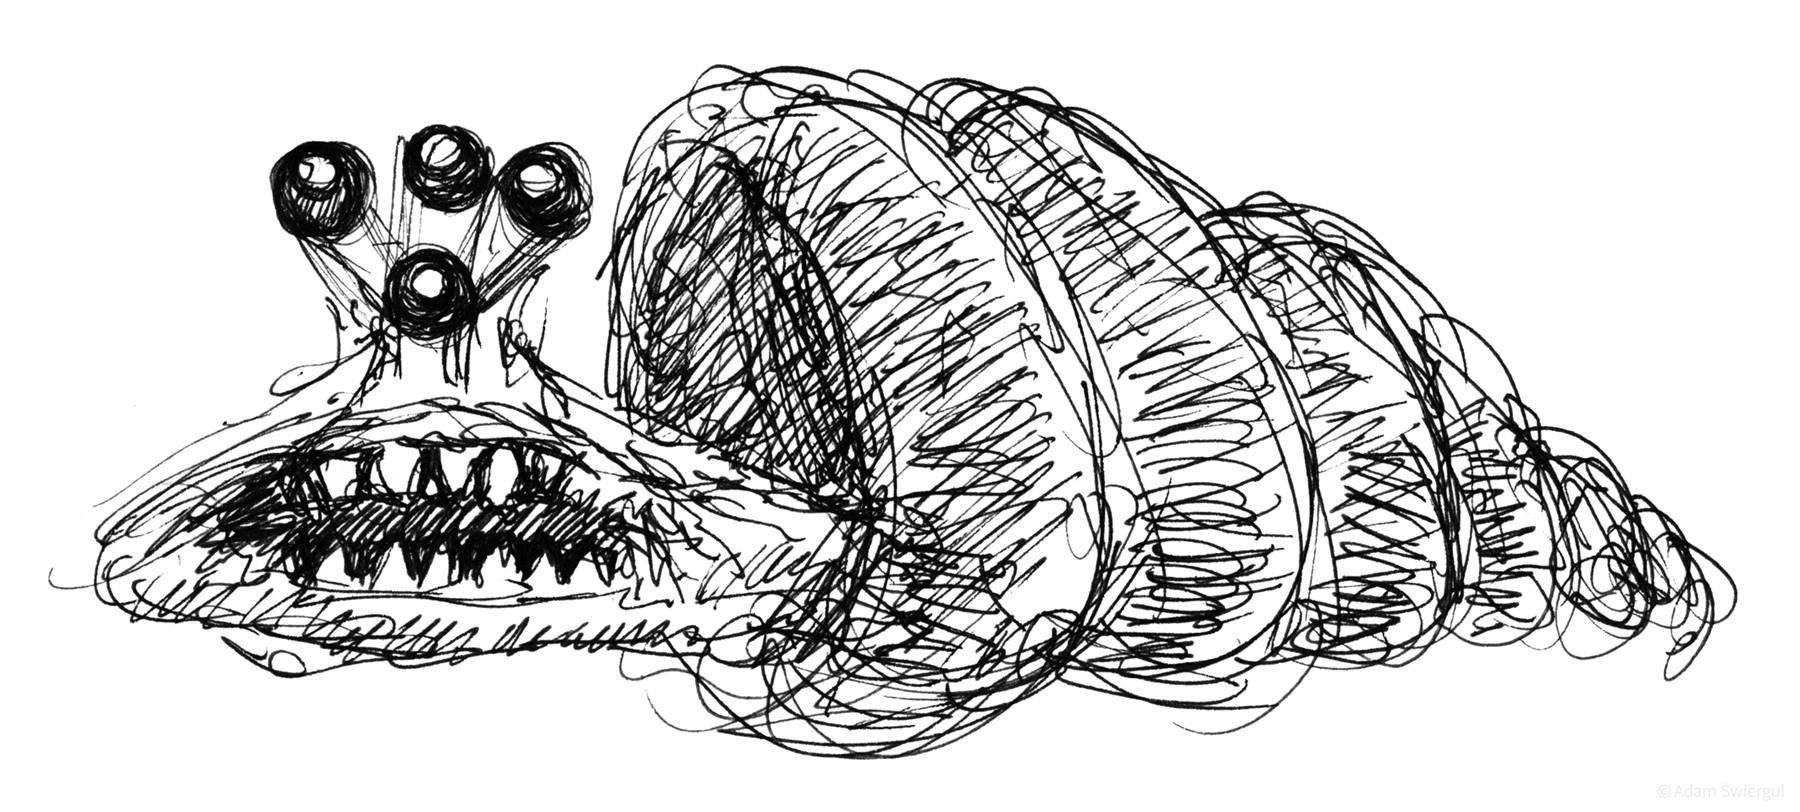 Ślimak drapieżny